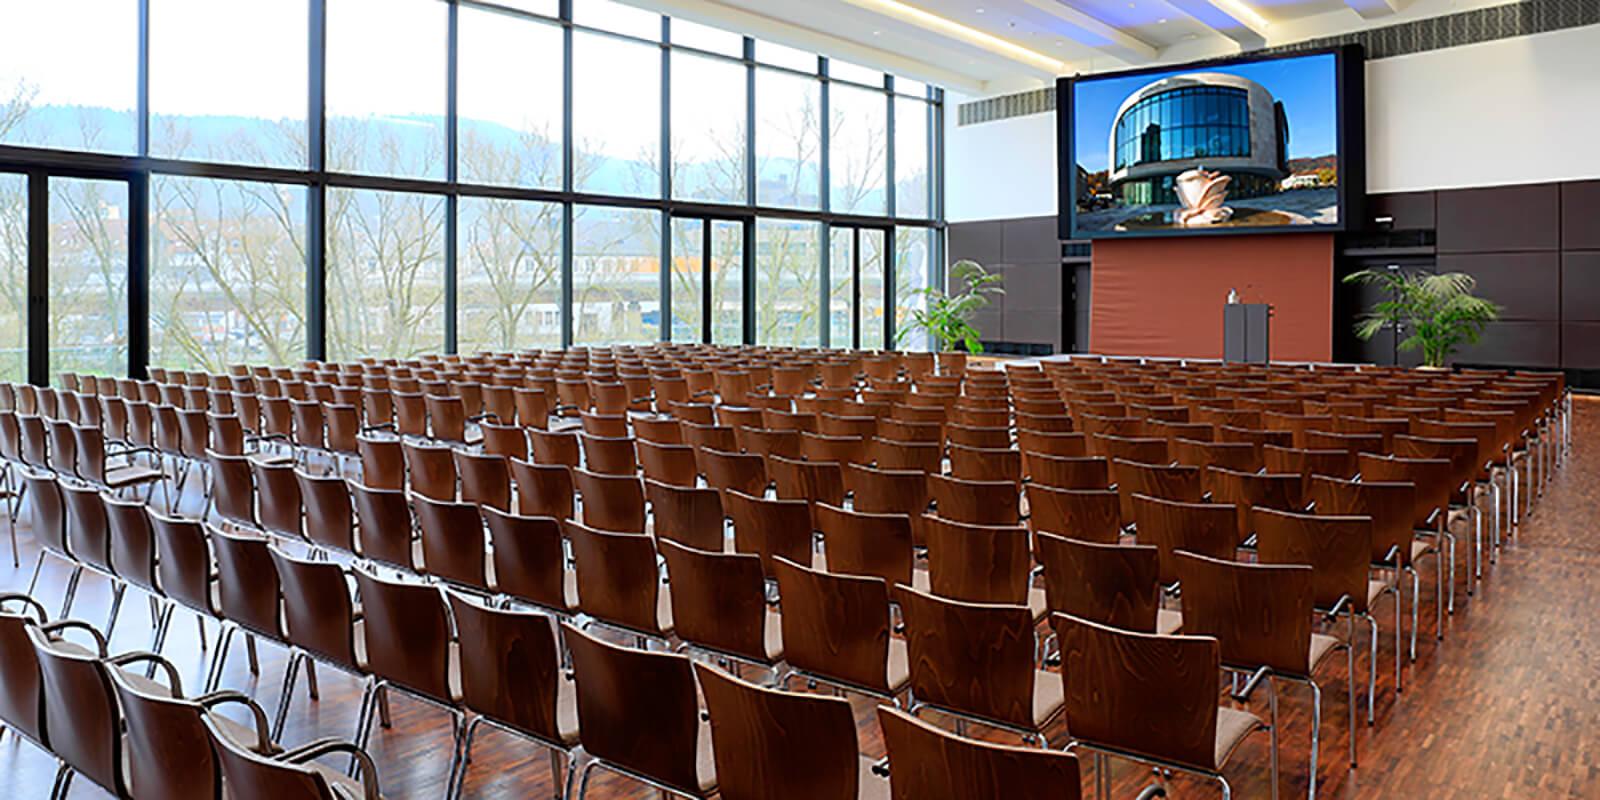 Tagungen in der VILA VITA Marburg - Das Congresszentrum Marburg